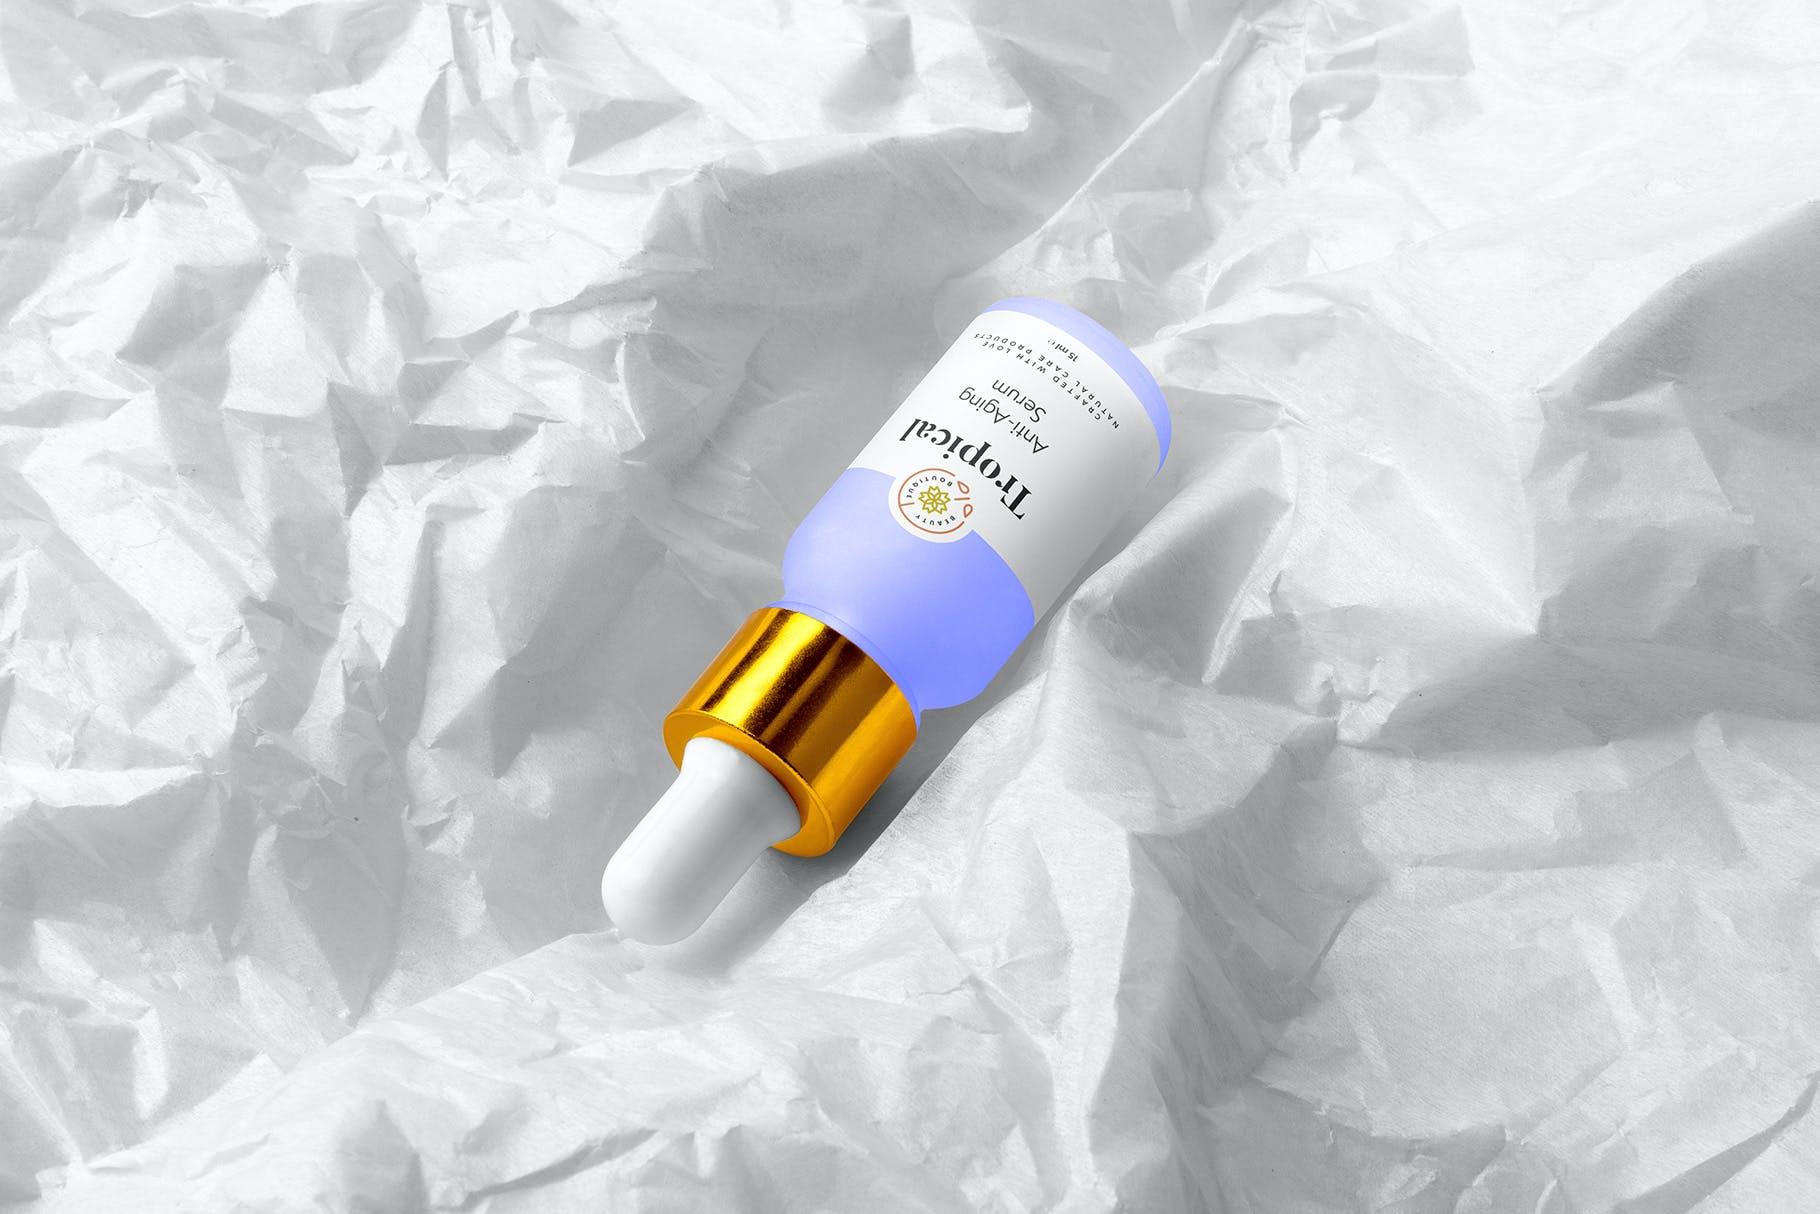 滴管样式热带化妆品品牌样机VEZXF4K插图(6)